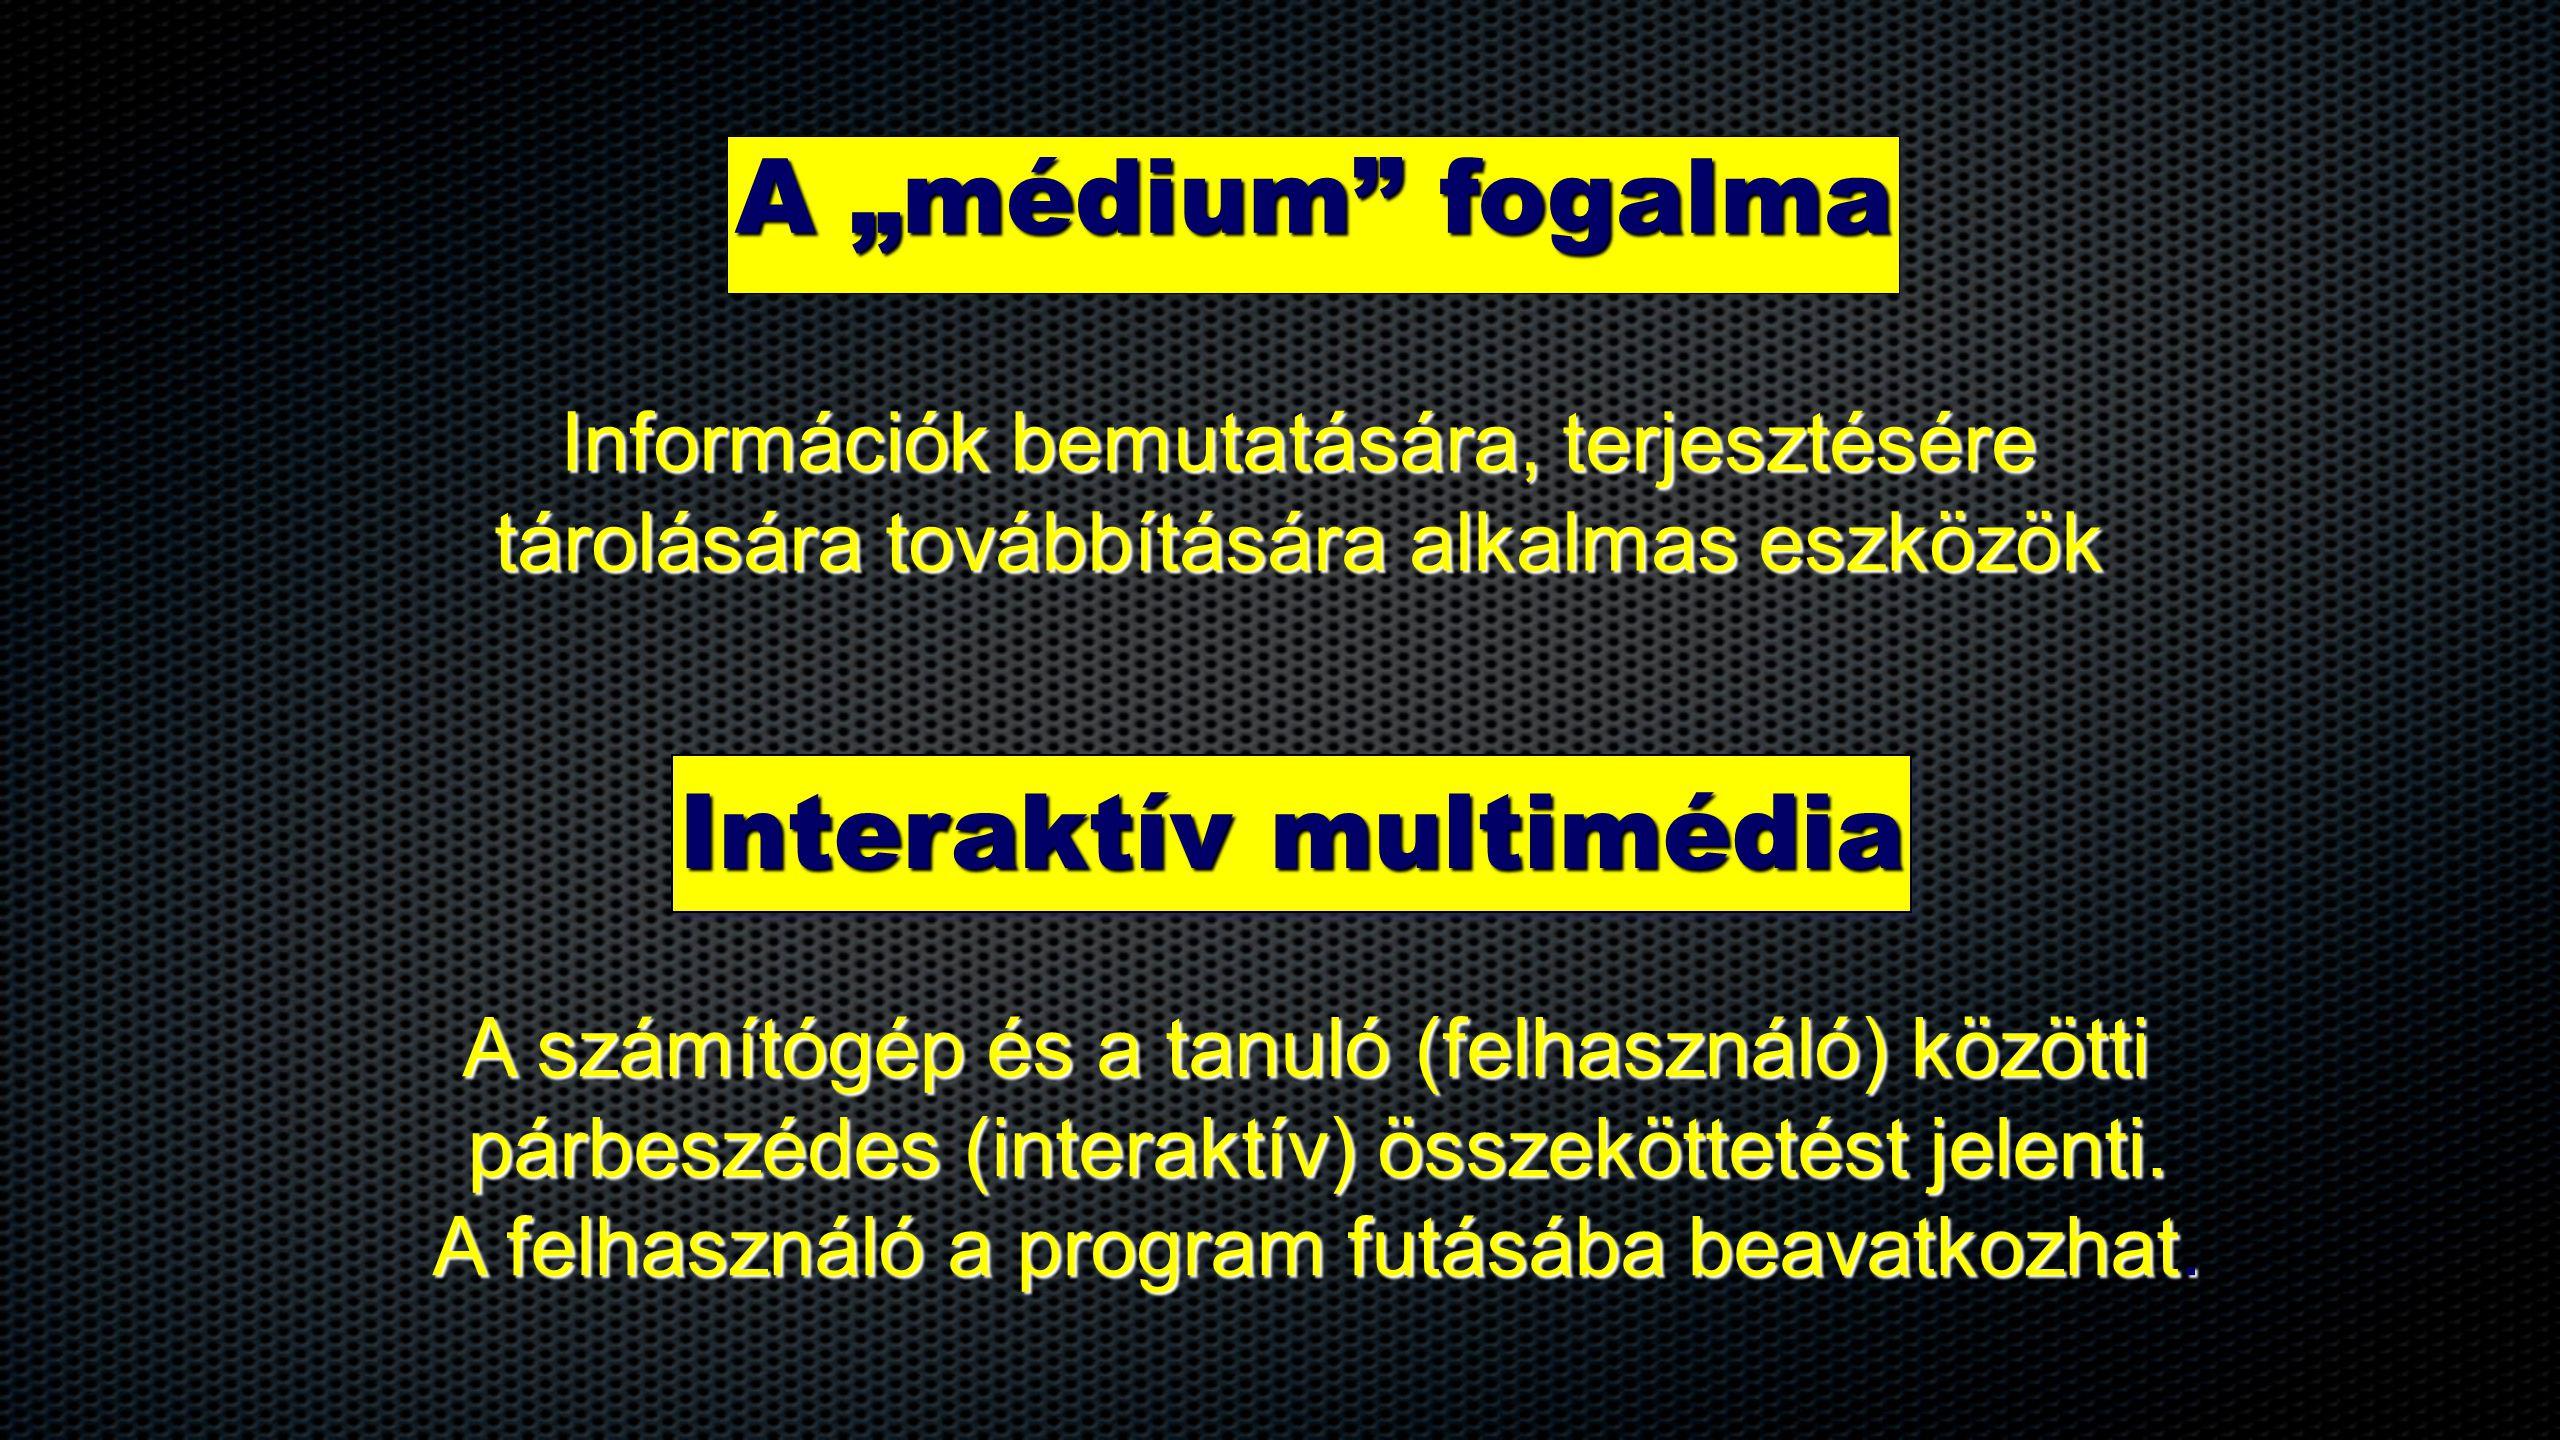 Interaktív multimédia